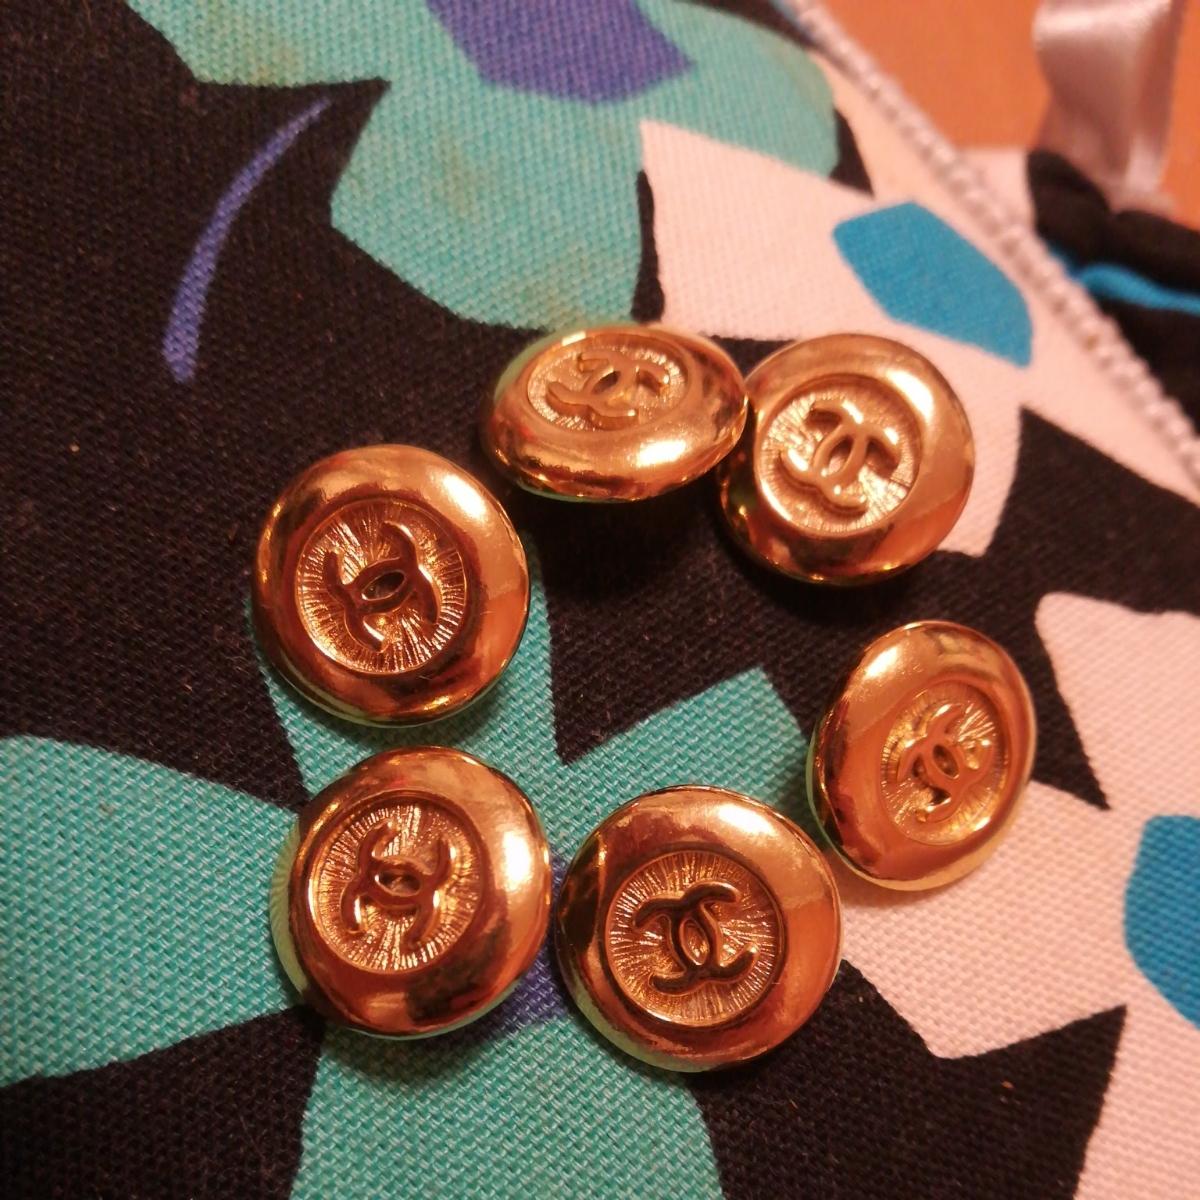 同梱可能 正規品chanel ゴールド ボタン 6個のセット 未使用 サイズ1.6cm